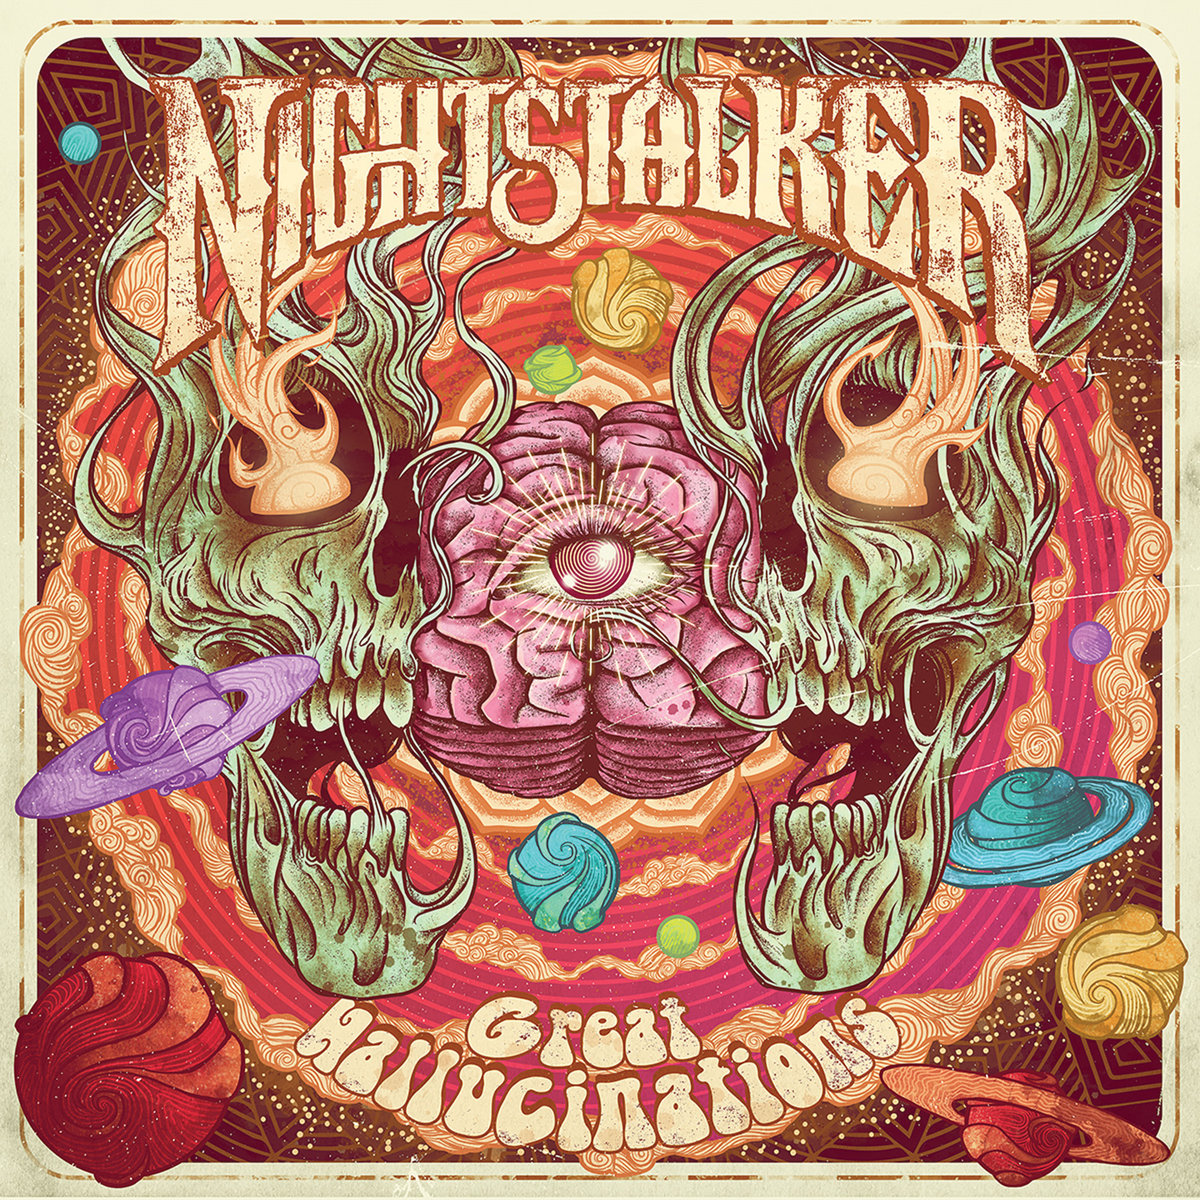 Αποτέλεσμα εικόνας για nightstalker great hallucinations